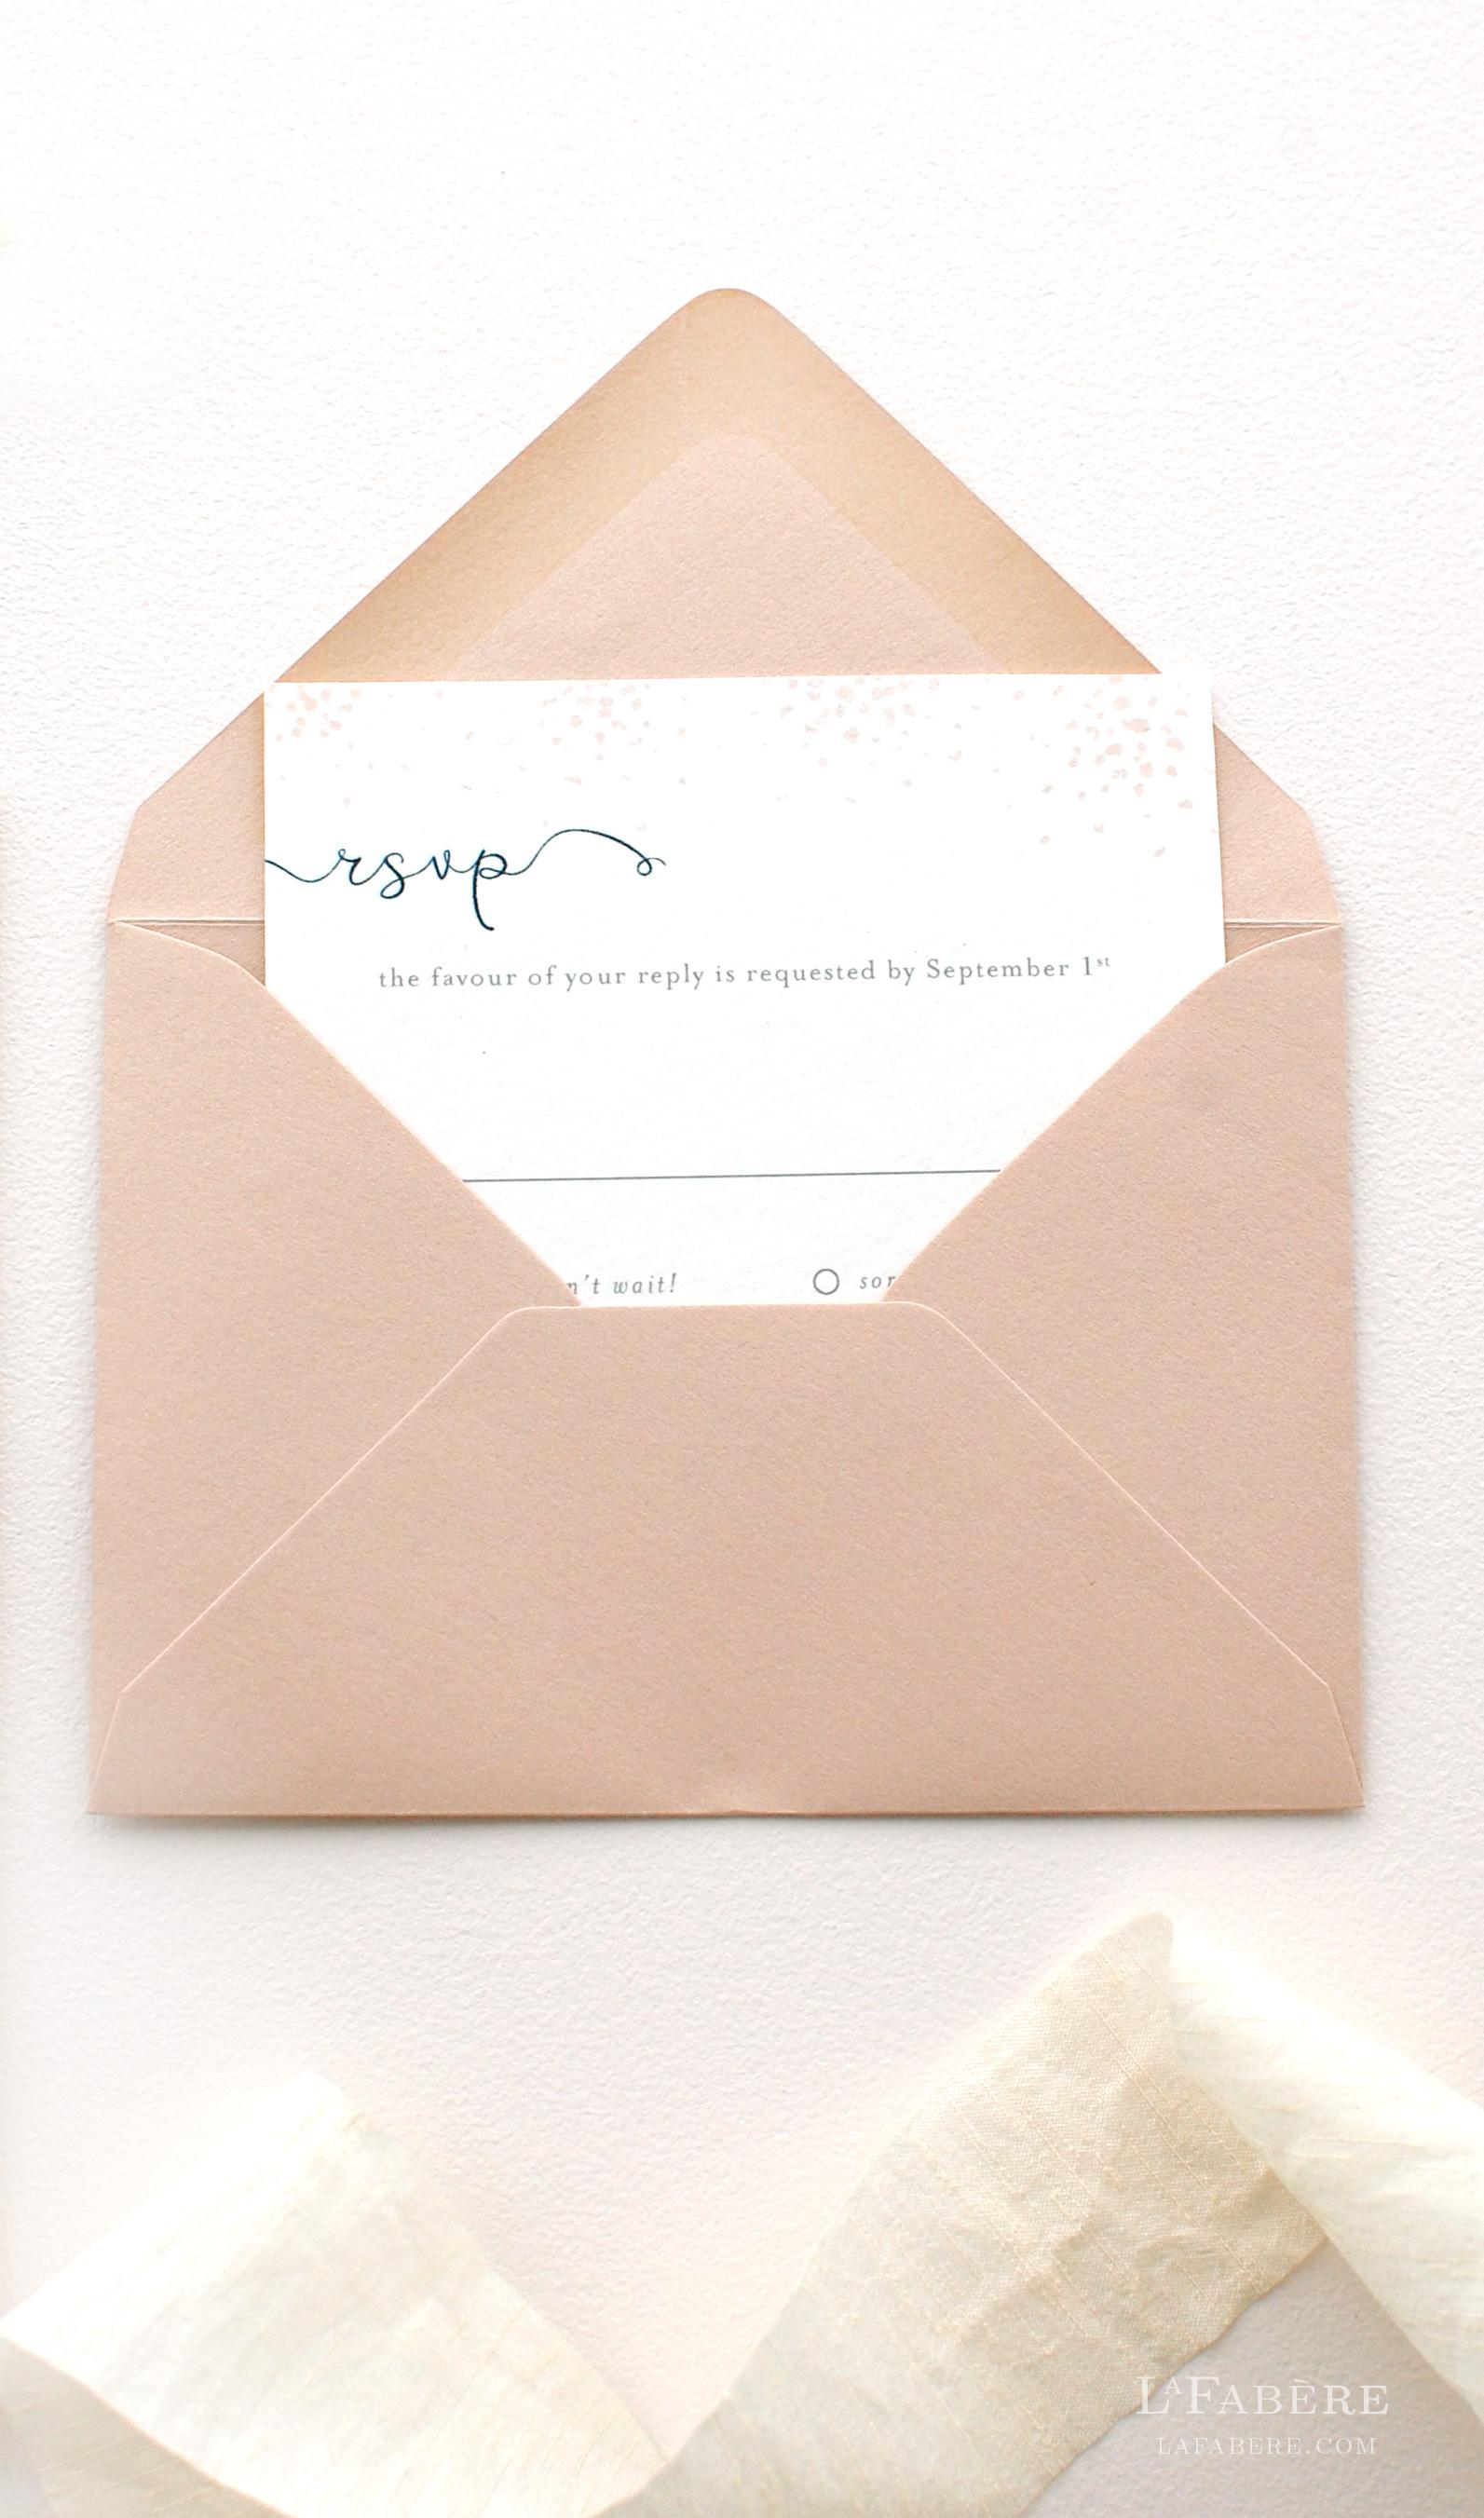 LaFabère wedding invitation design. lafabere.com